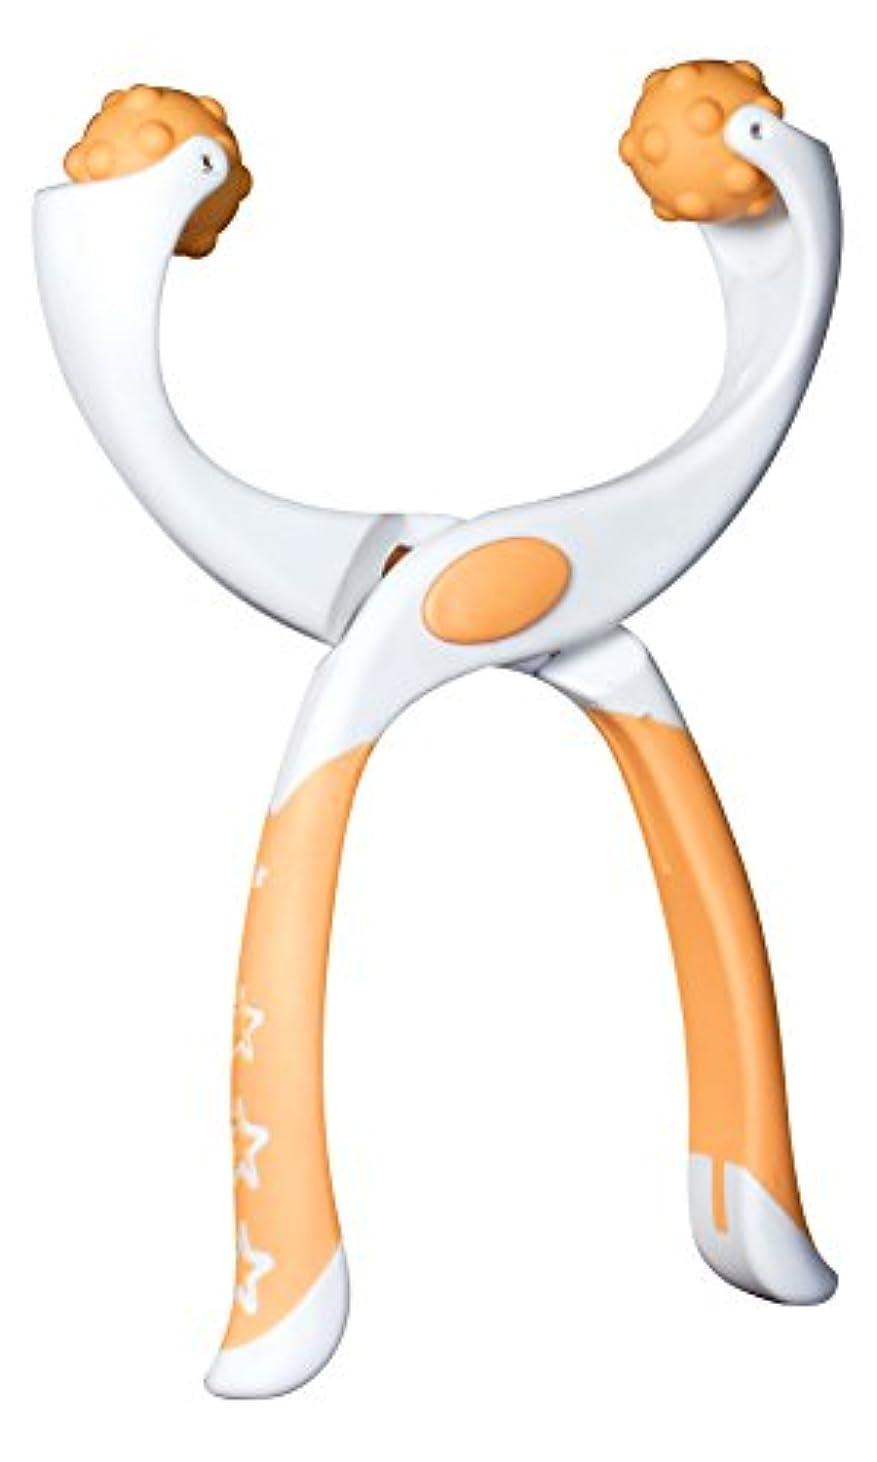 症状どちらかスラックつまんdeペンチ ツボ押し【足用】 オレンジ ポーチ付き「職場で使える軽くて持ち運べるマッサージ機」